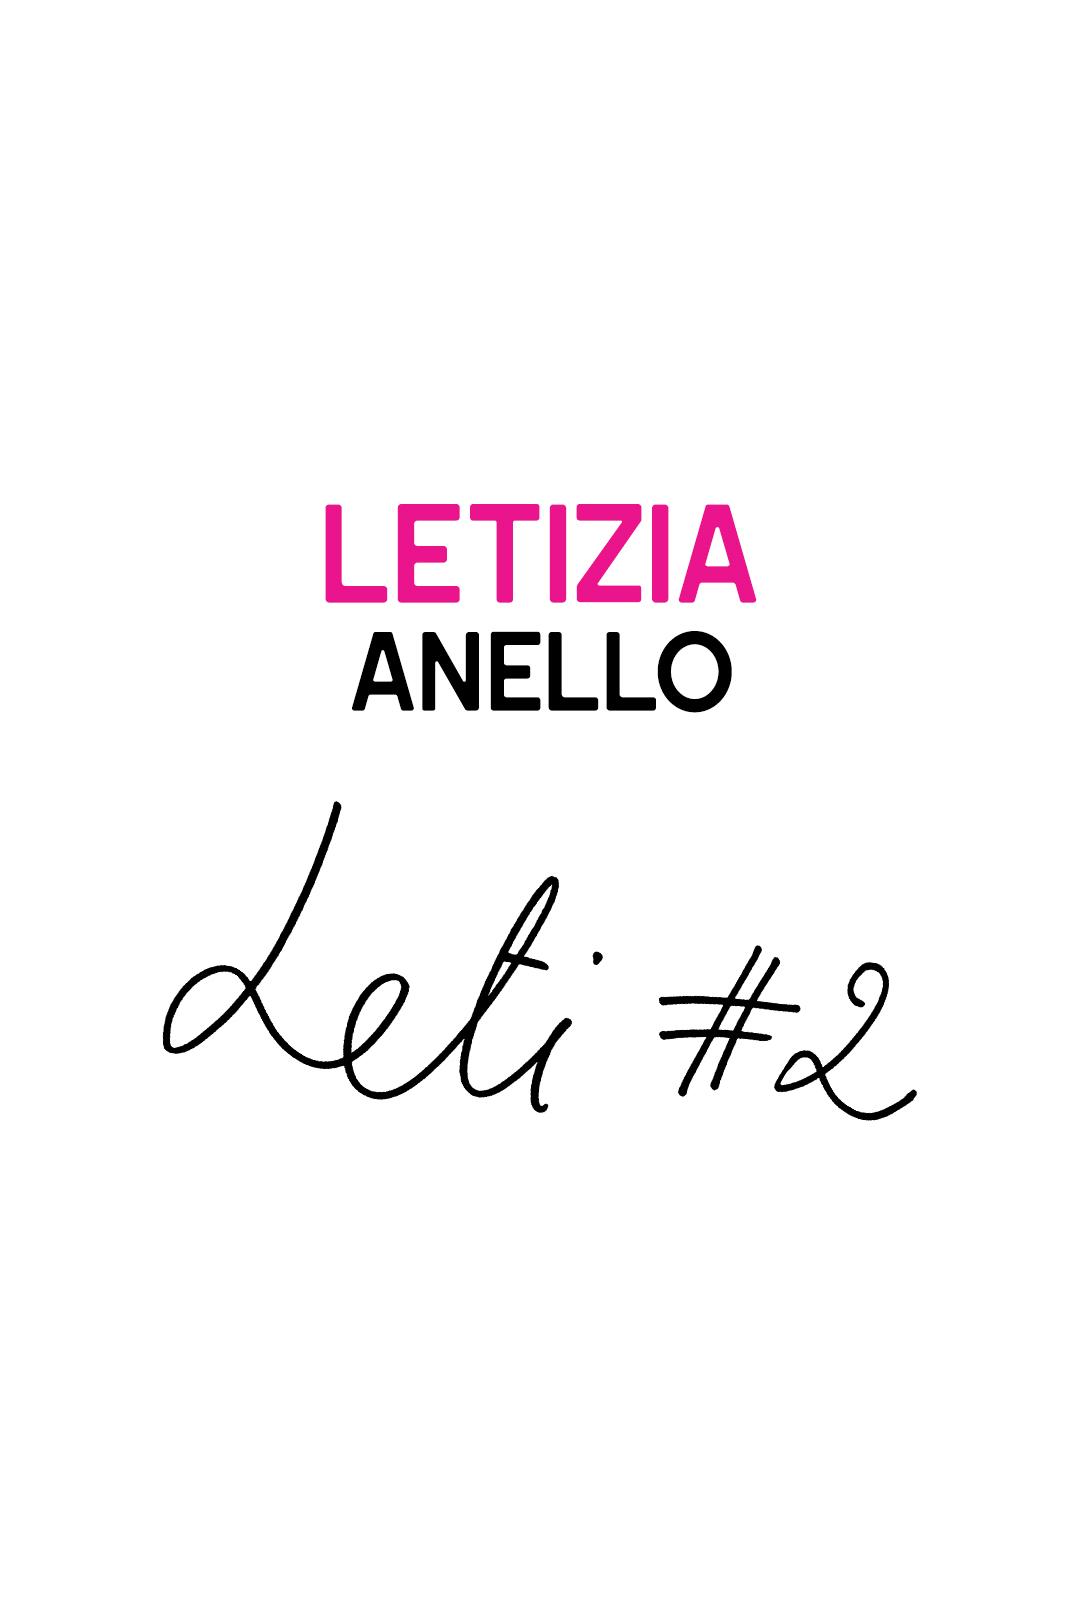 2 – Letizia Anello